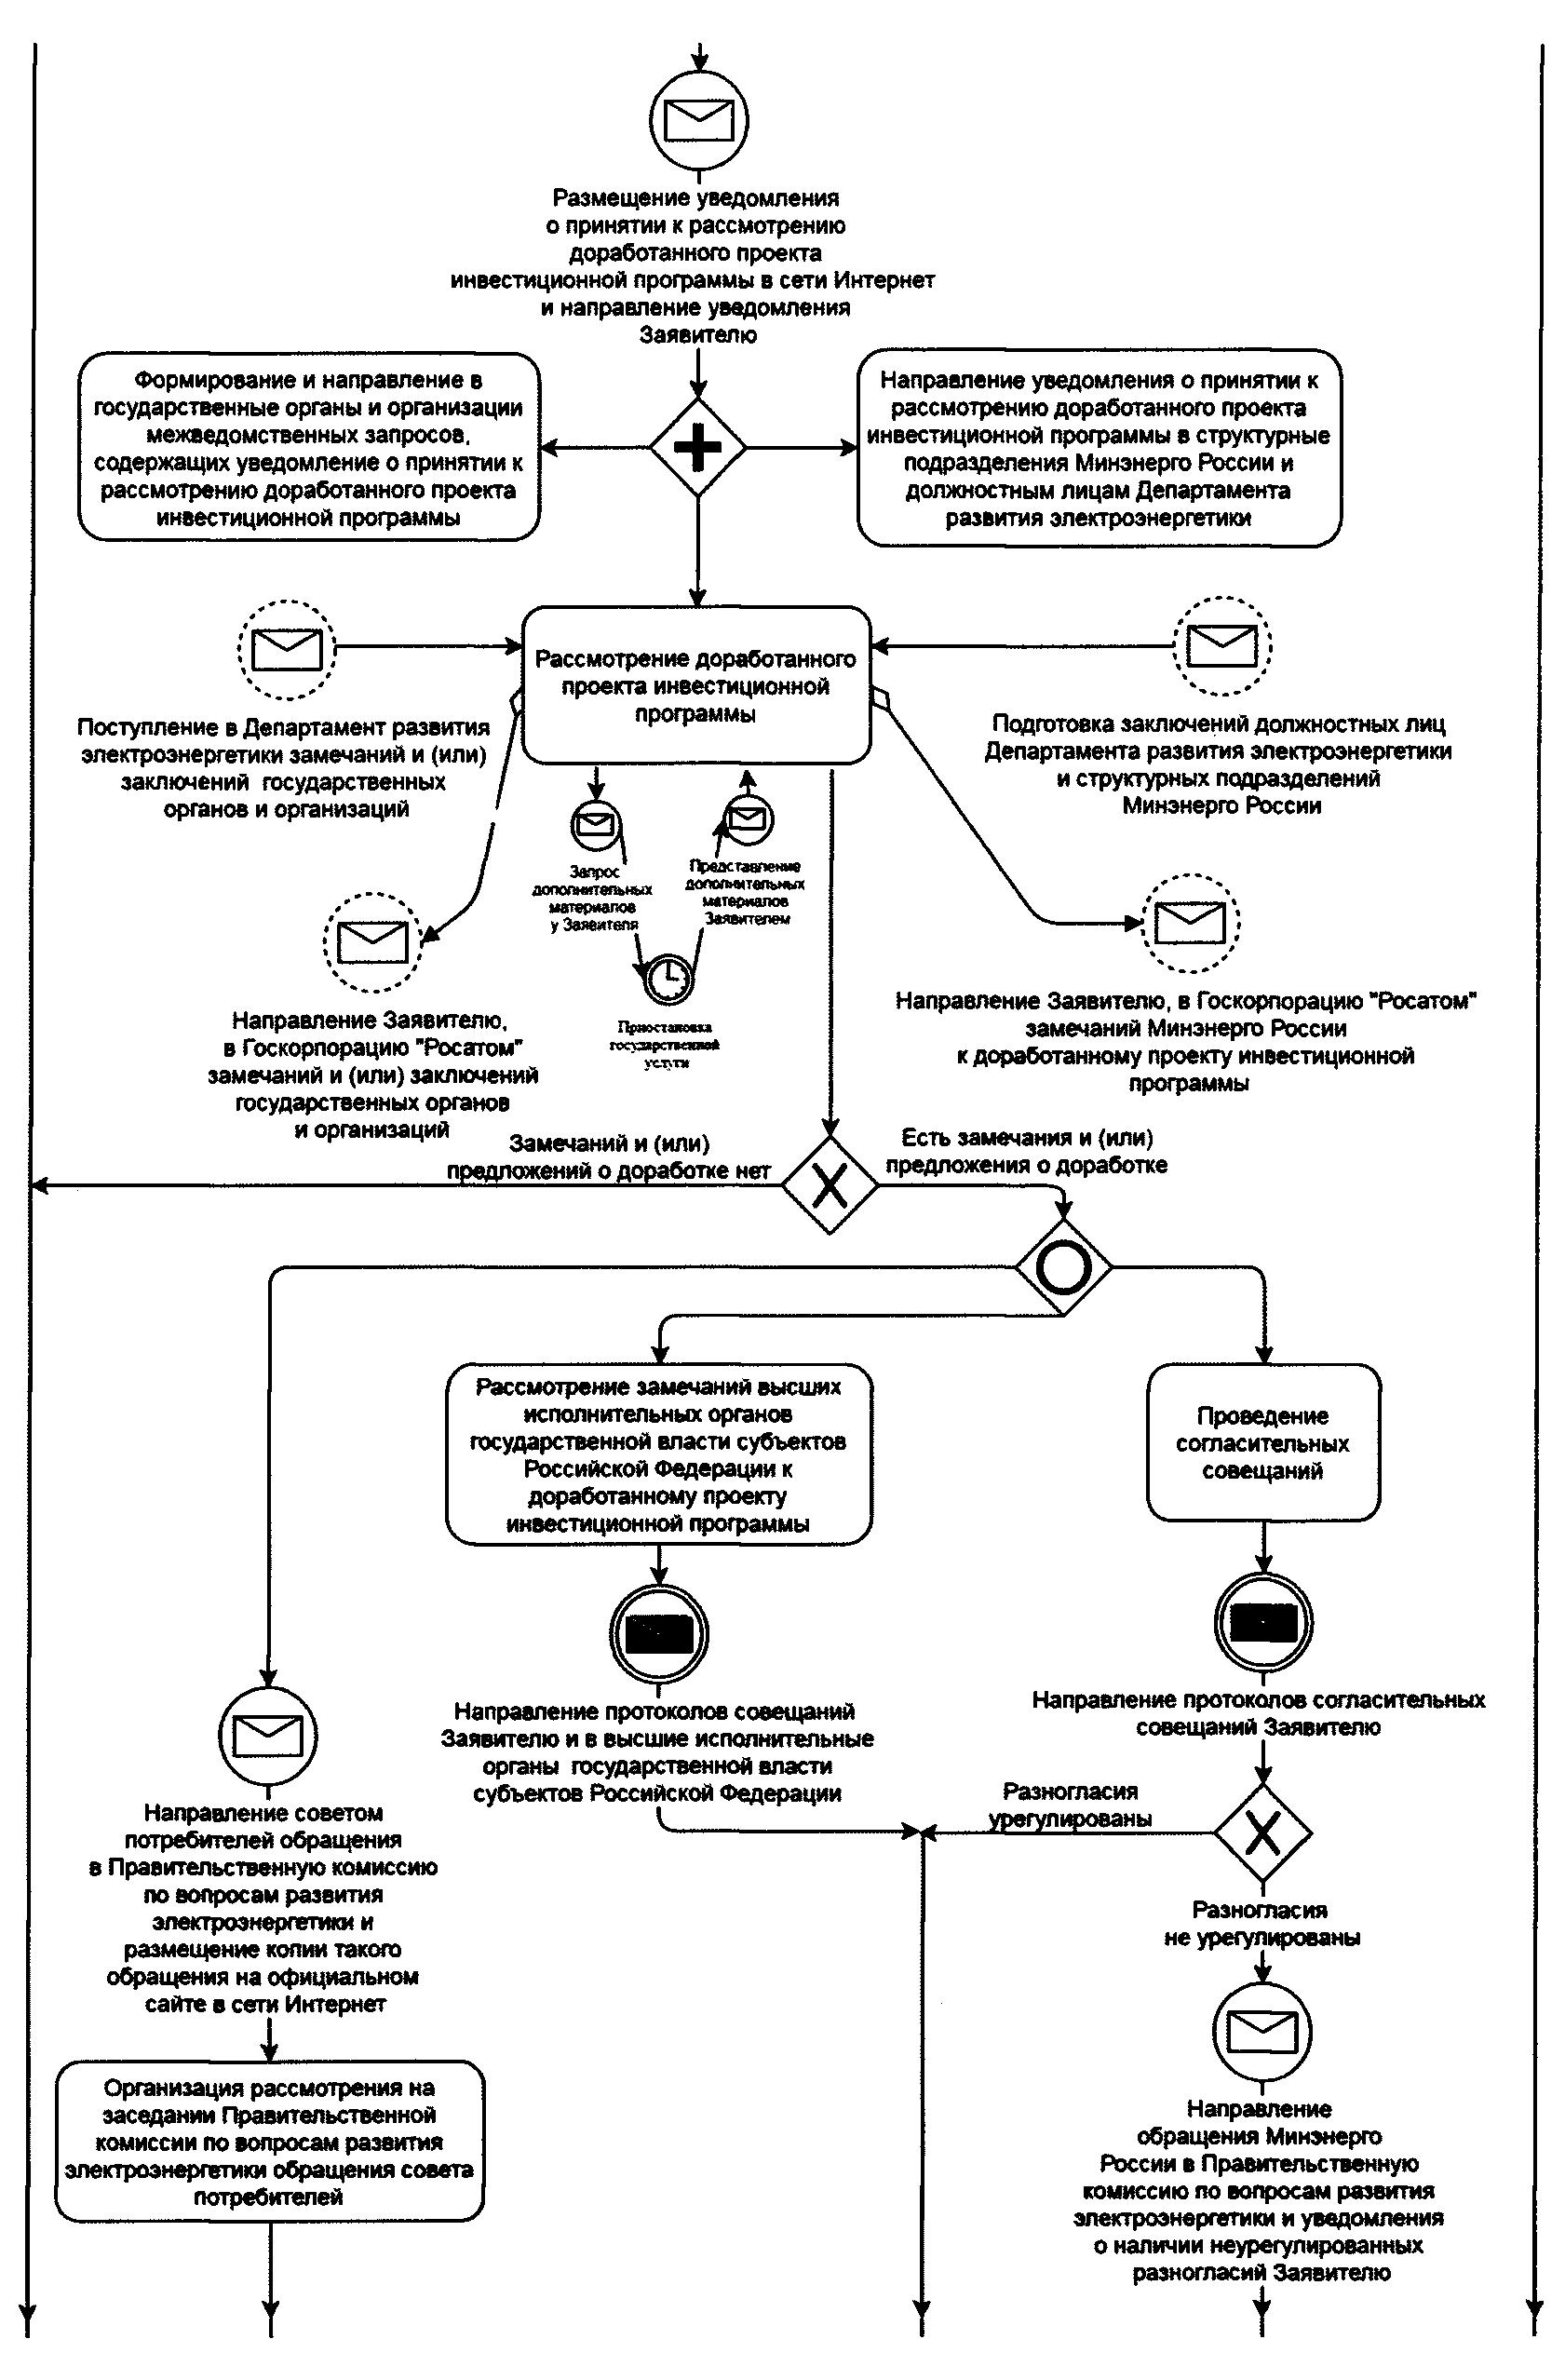 порядок формирования и утверждения инвестиционных программ